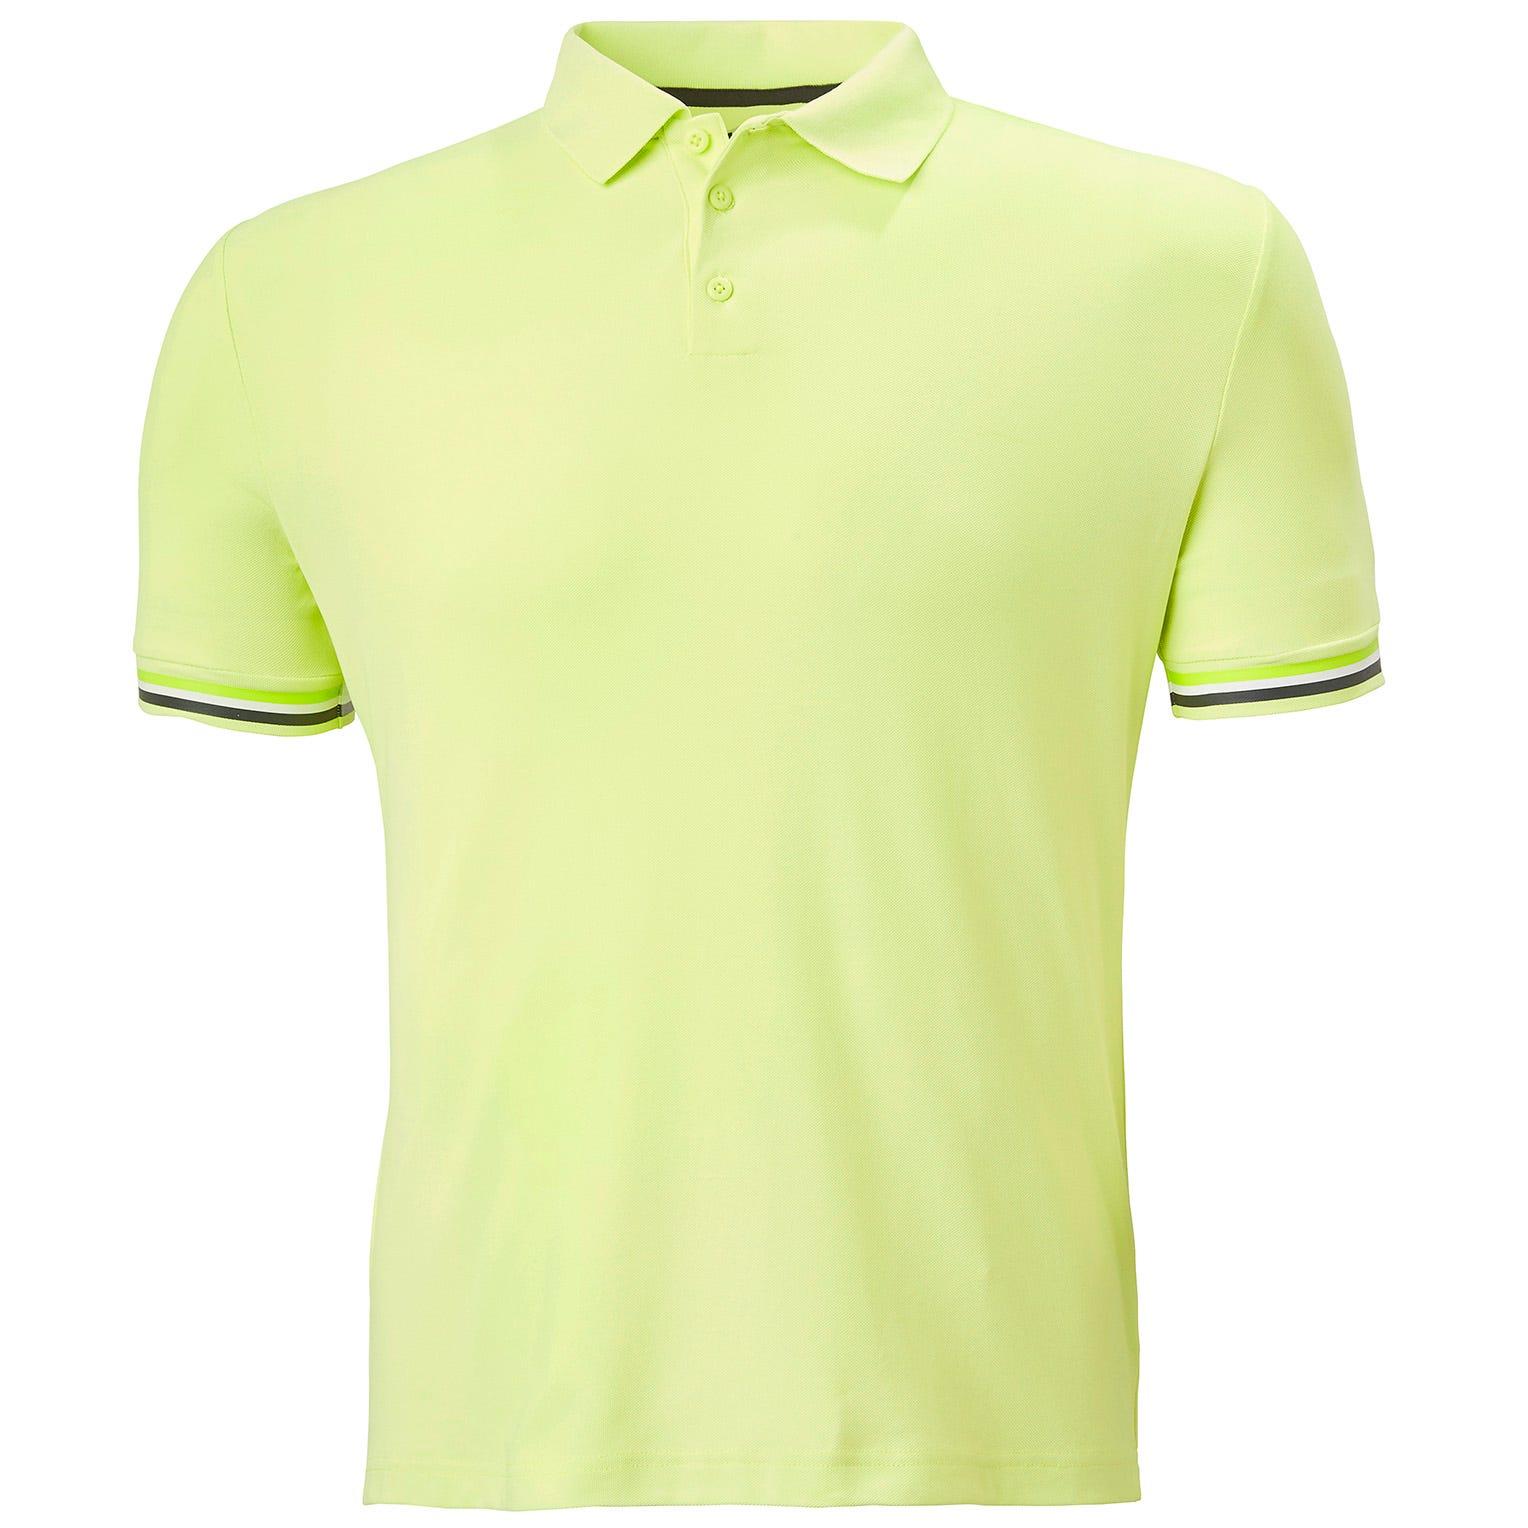 Helly Hansen Mens Hp Code Zero Technical Polo Shirt Green S